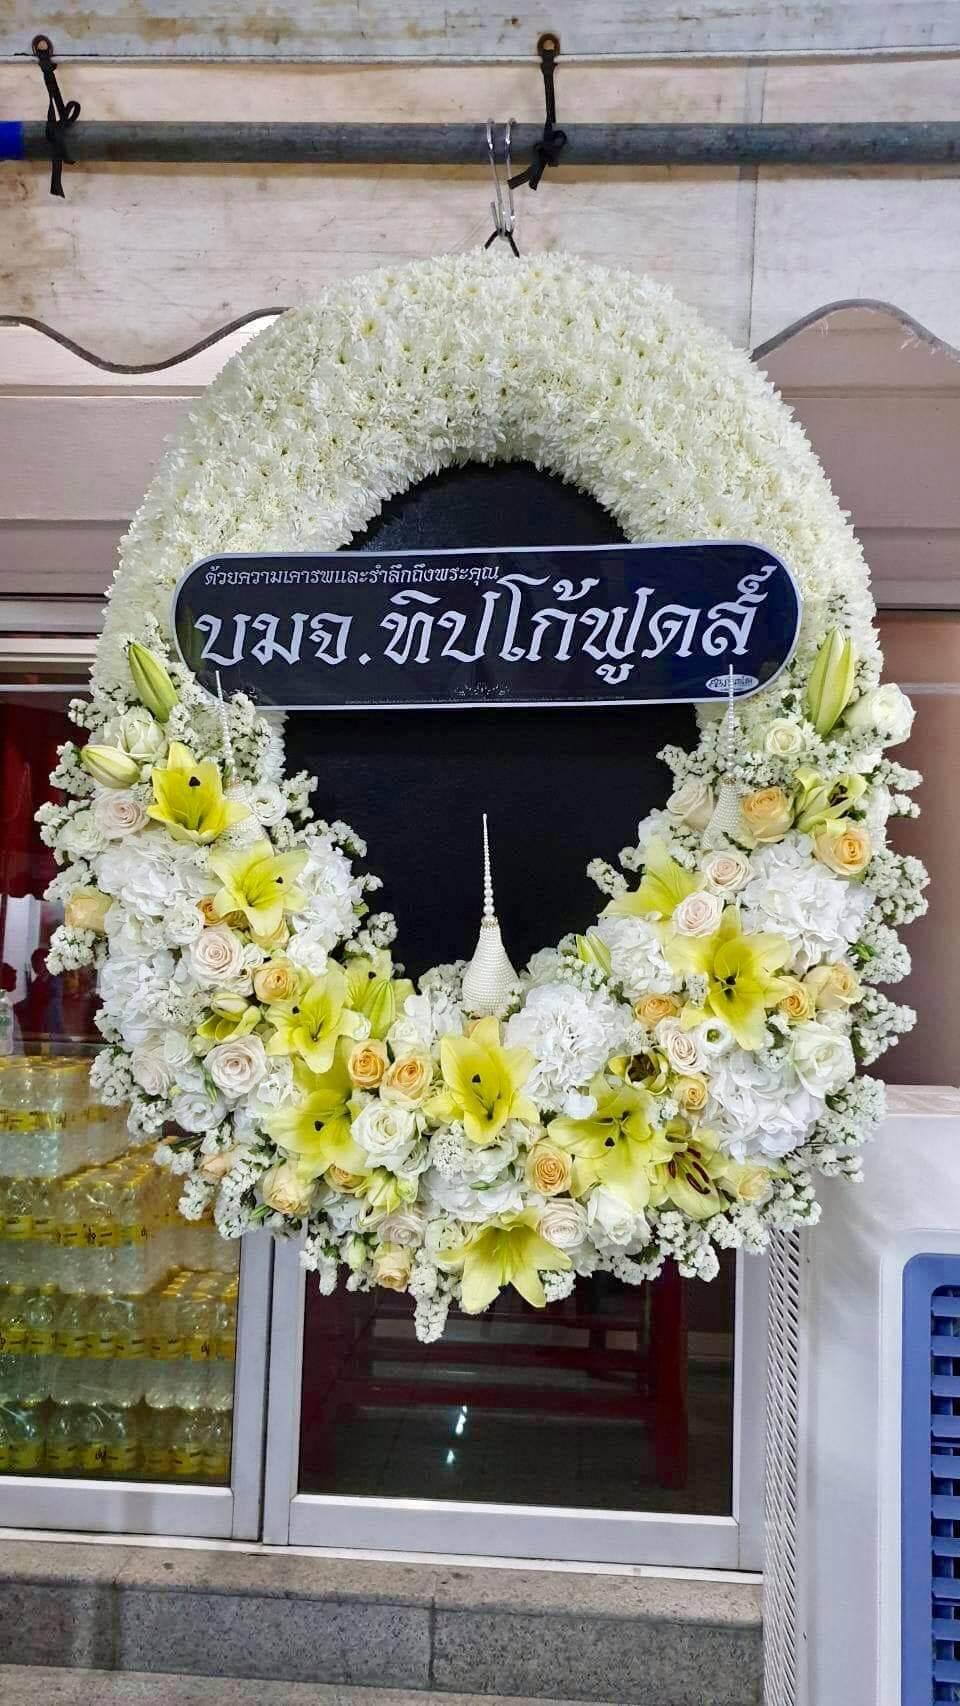 พวงหรีดงานวัดเทพศิรินทราวาส ราชวรวิหาร - Wat Debsirindrawas Ratchaworawiharn